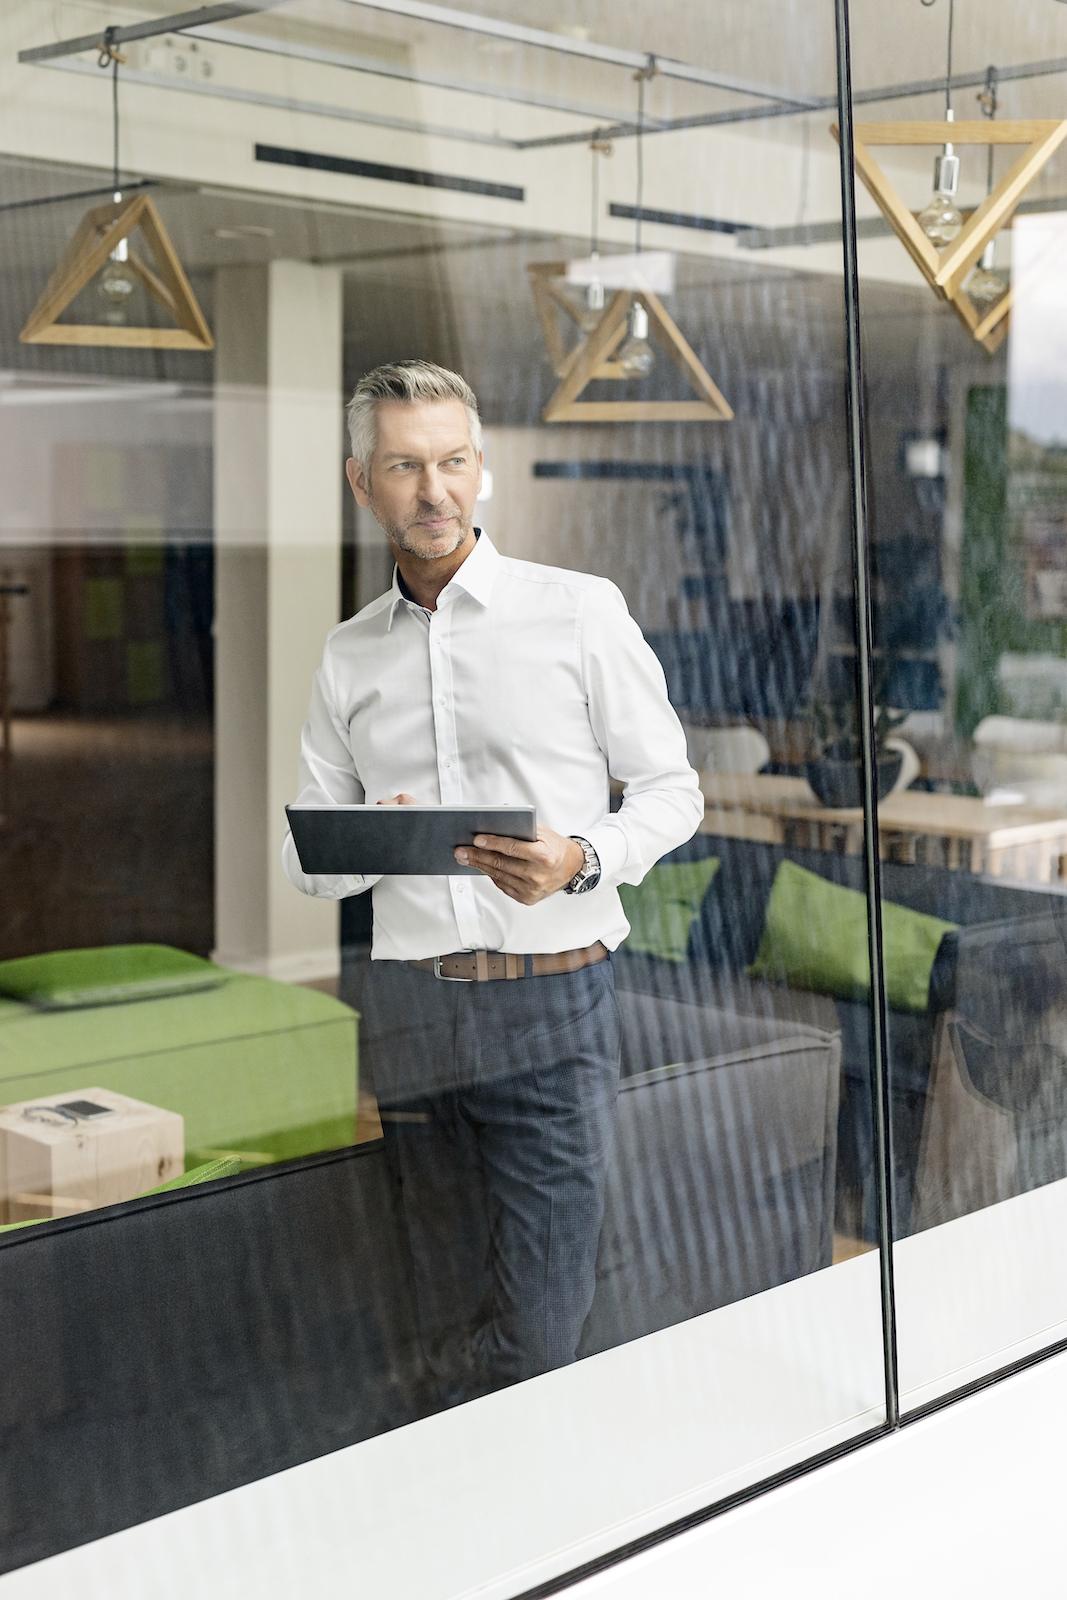 Führungskraft mit Tablet am Fenster